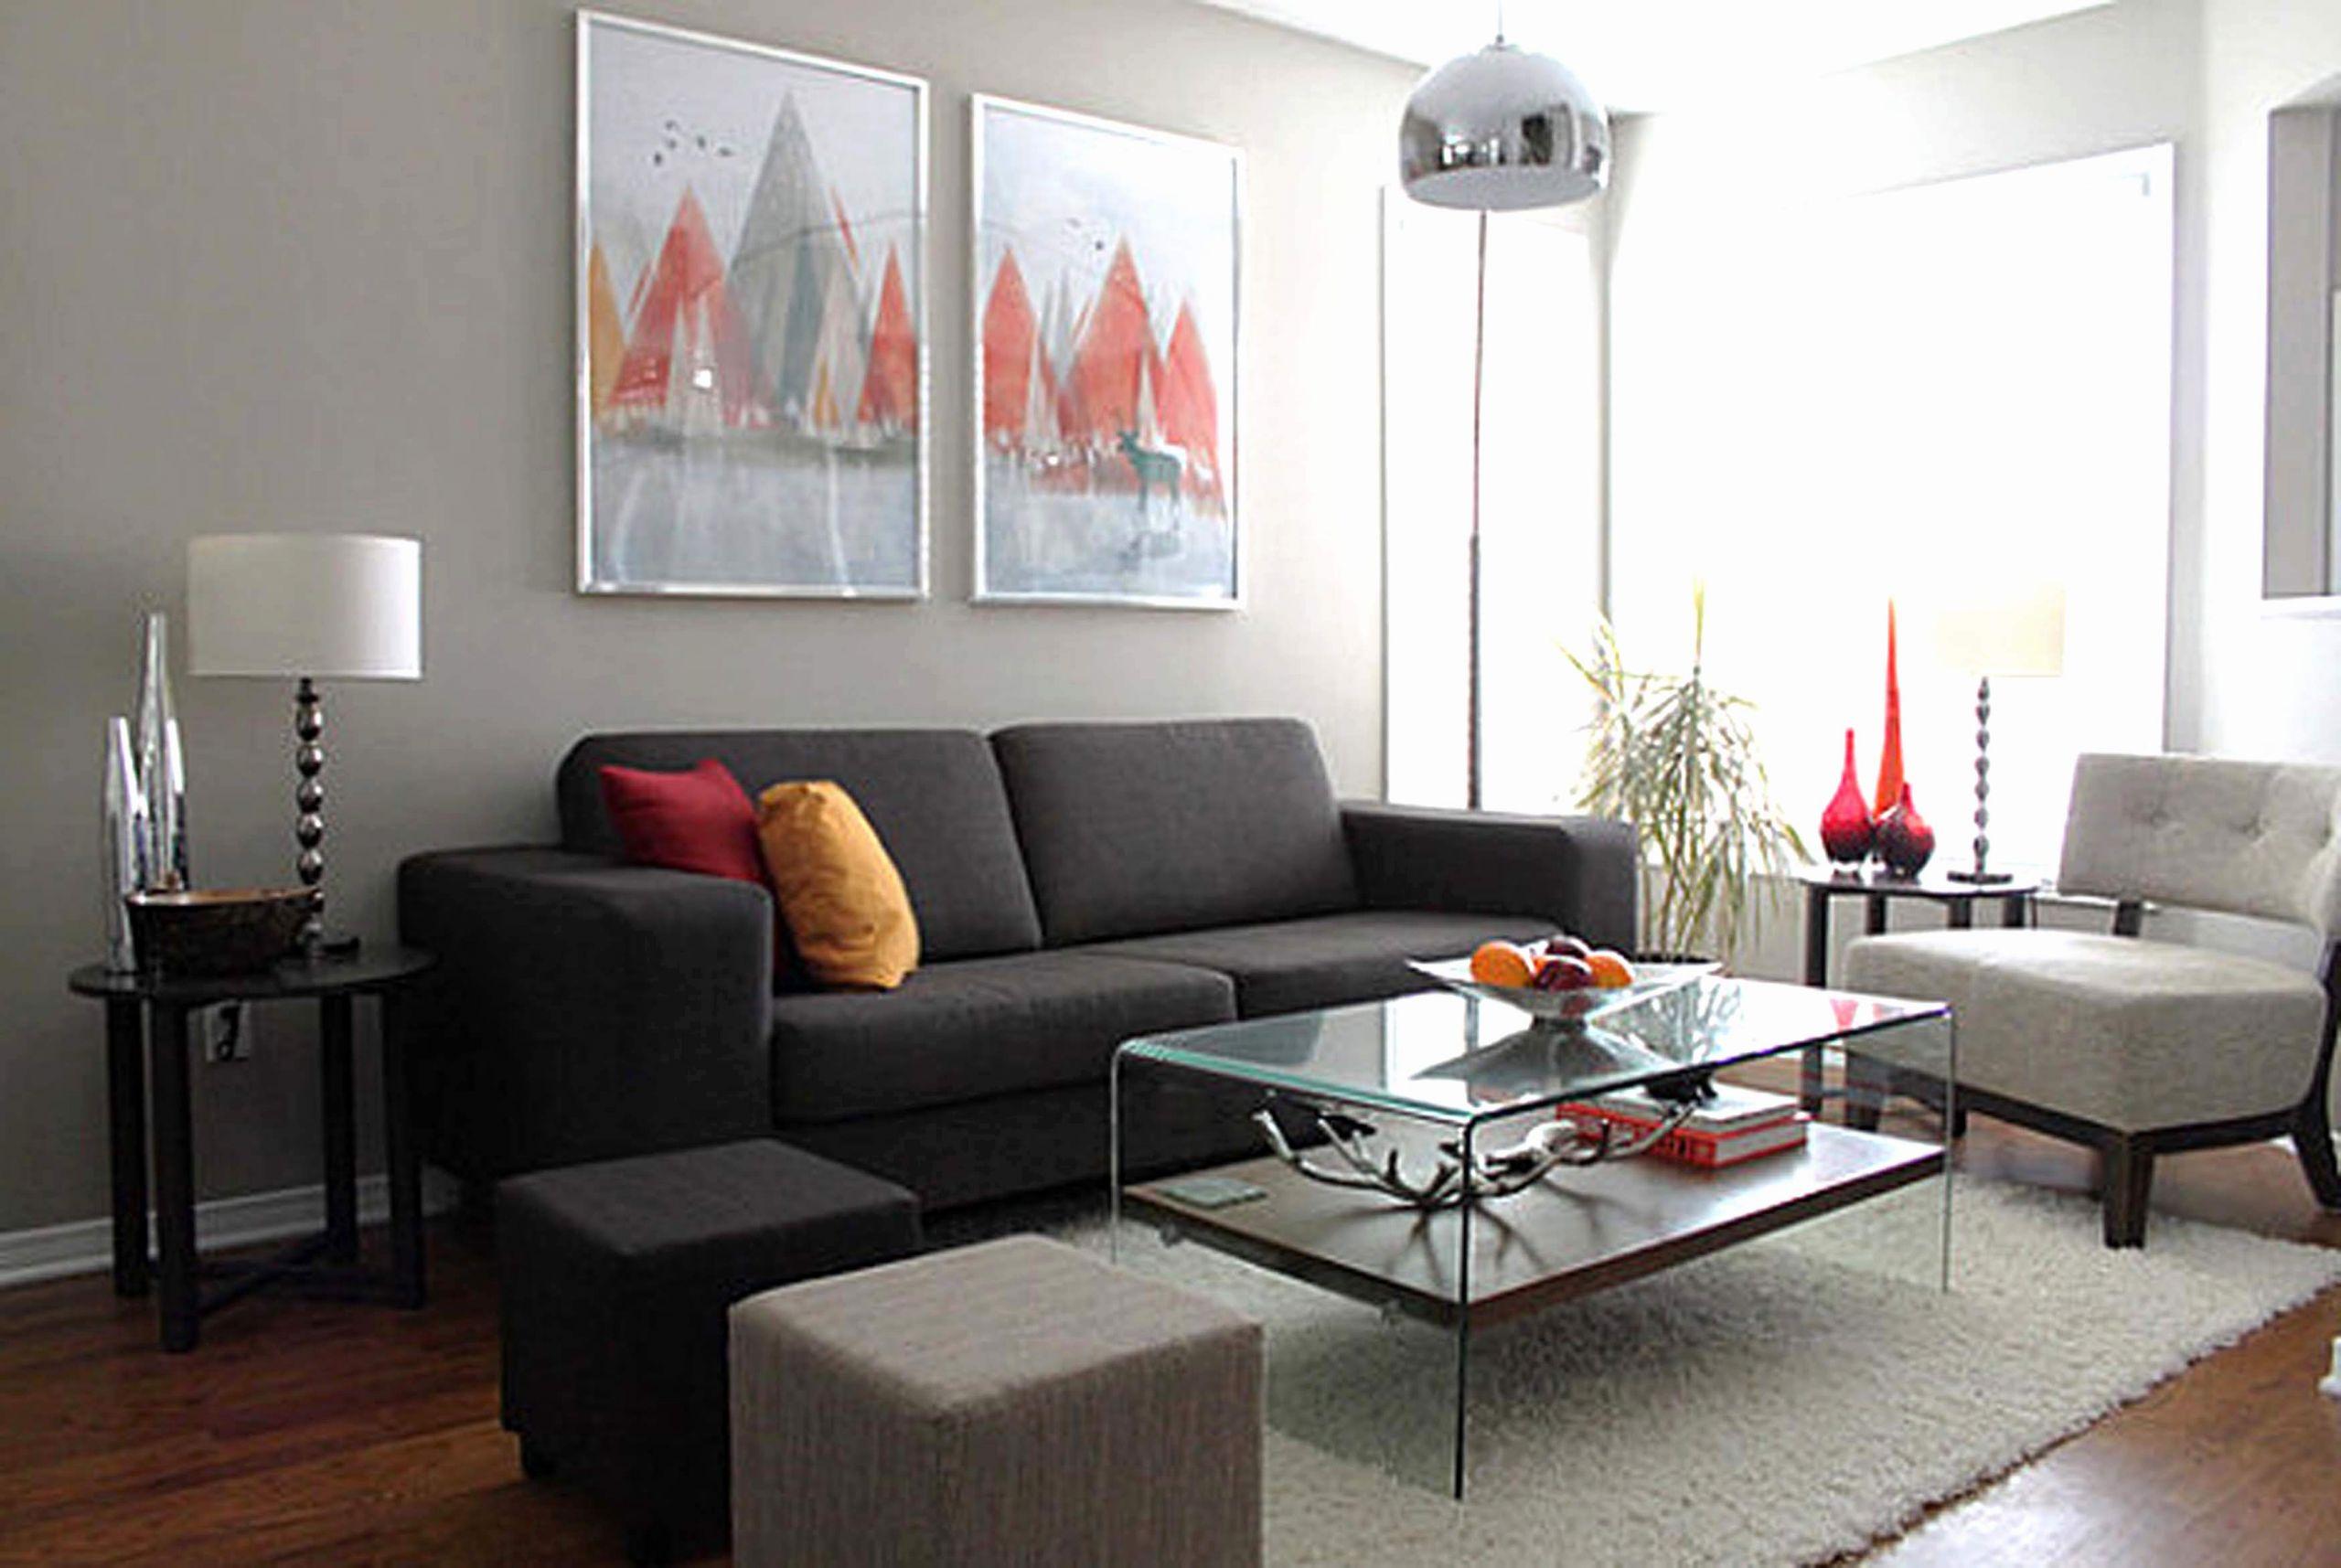 schone wohnzimmer einzigartig schone wohnzimmer ideen neu was fur holz fur terrasse of schone wohnzimmer